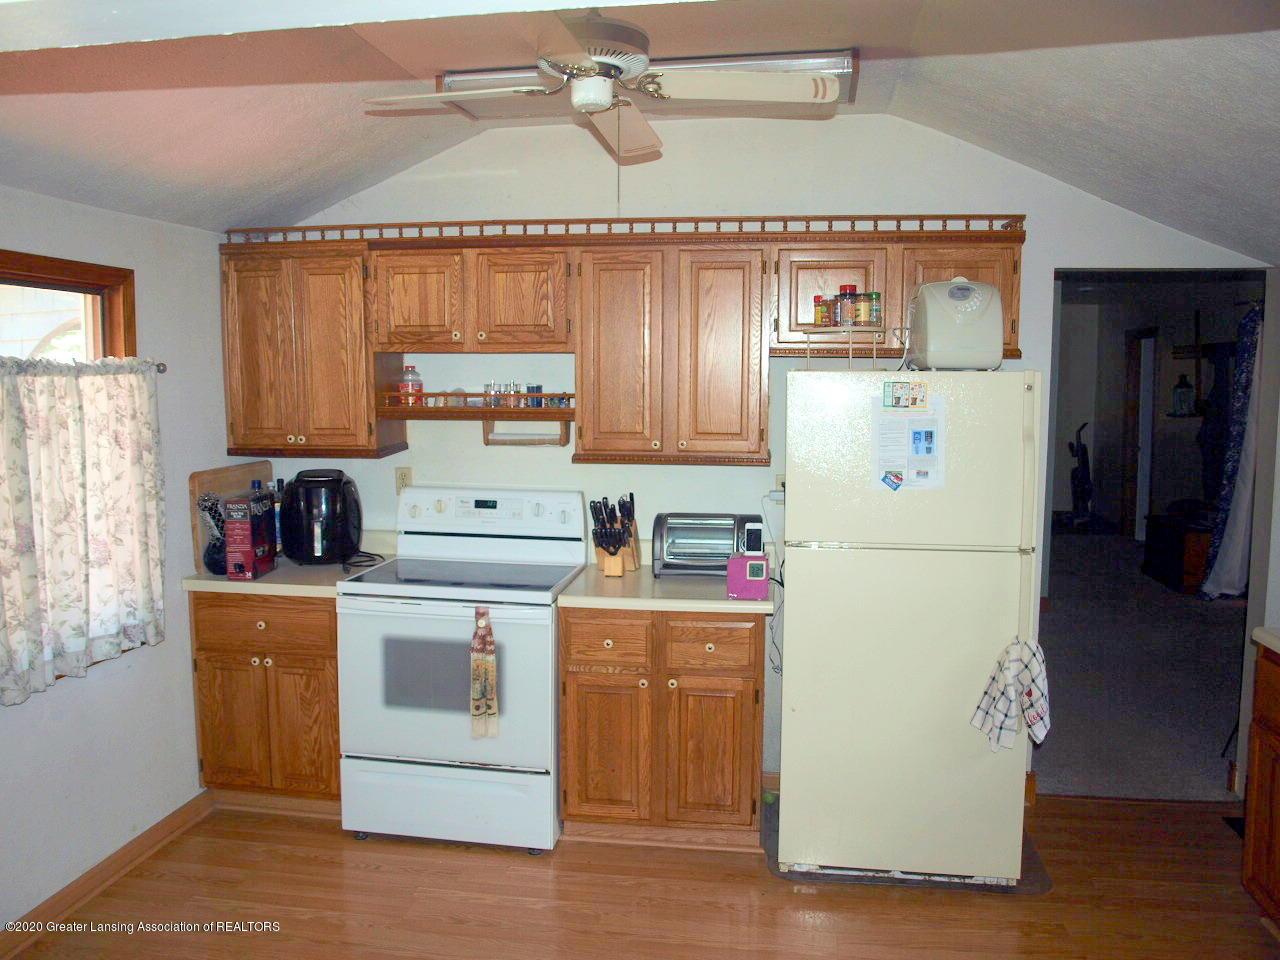 300 S Swegles St - kitchen - 12